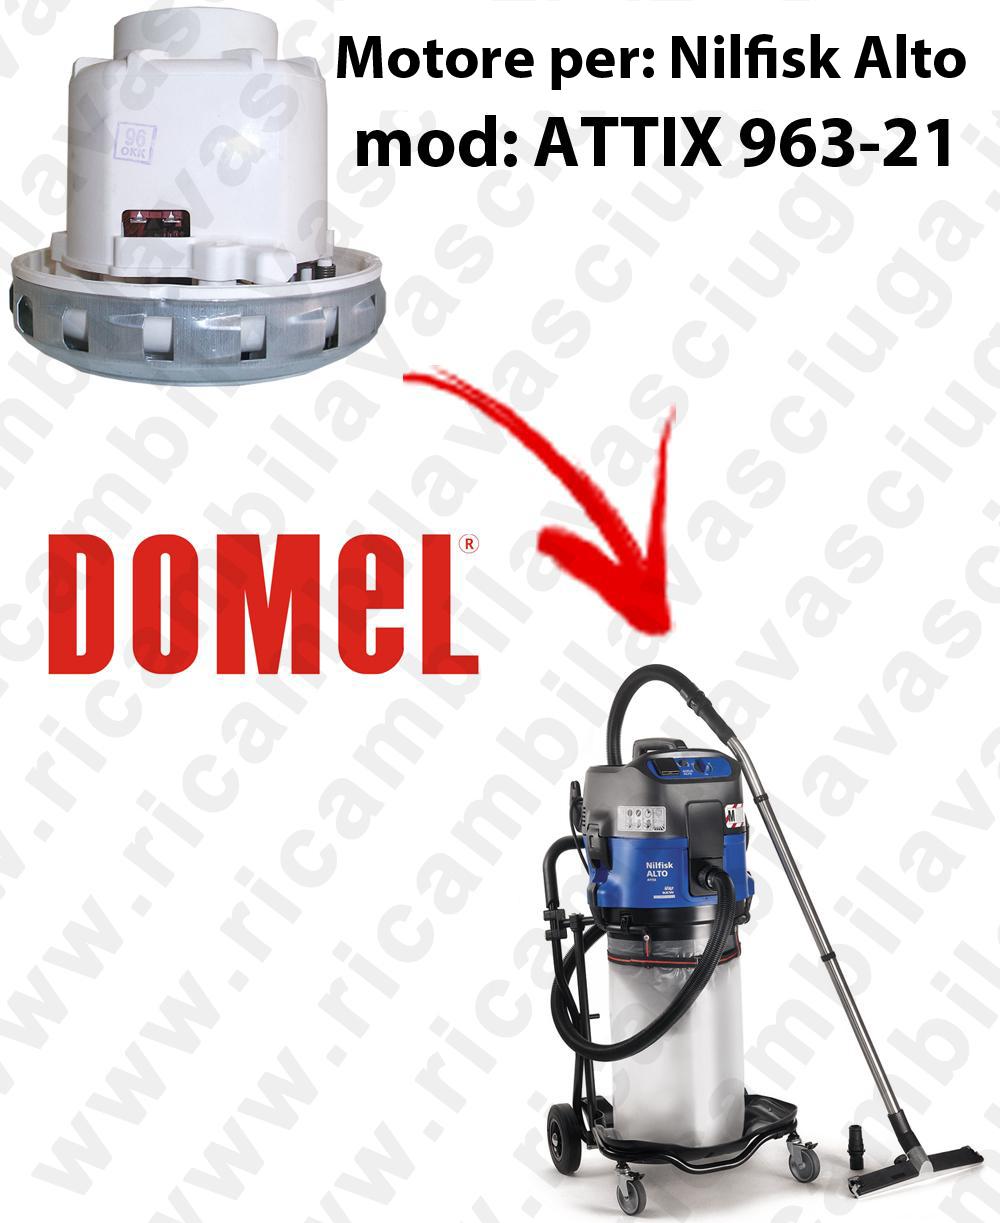 DOMEL VACUUM MOTOR for ATTIX 963-21 vacuum cleaner NILFISK ALTO